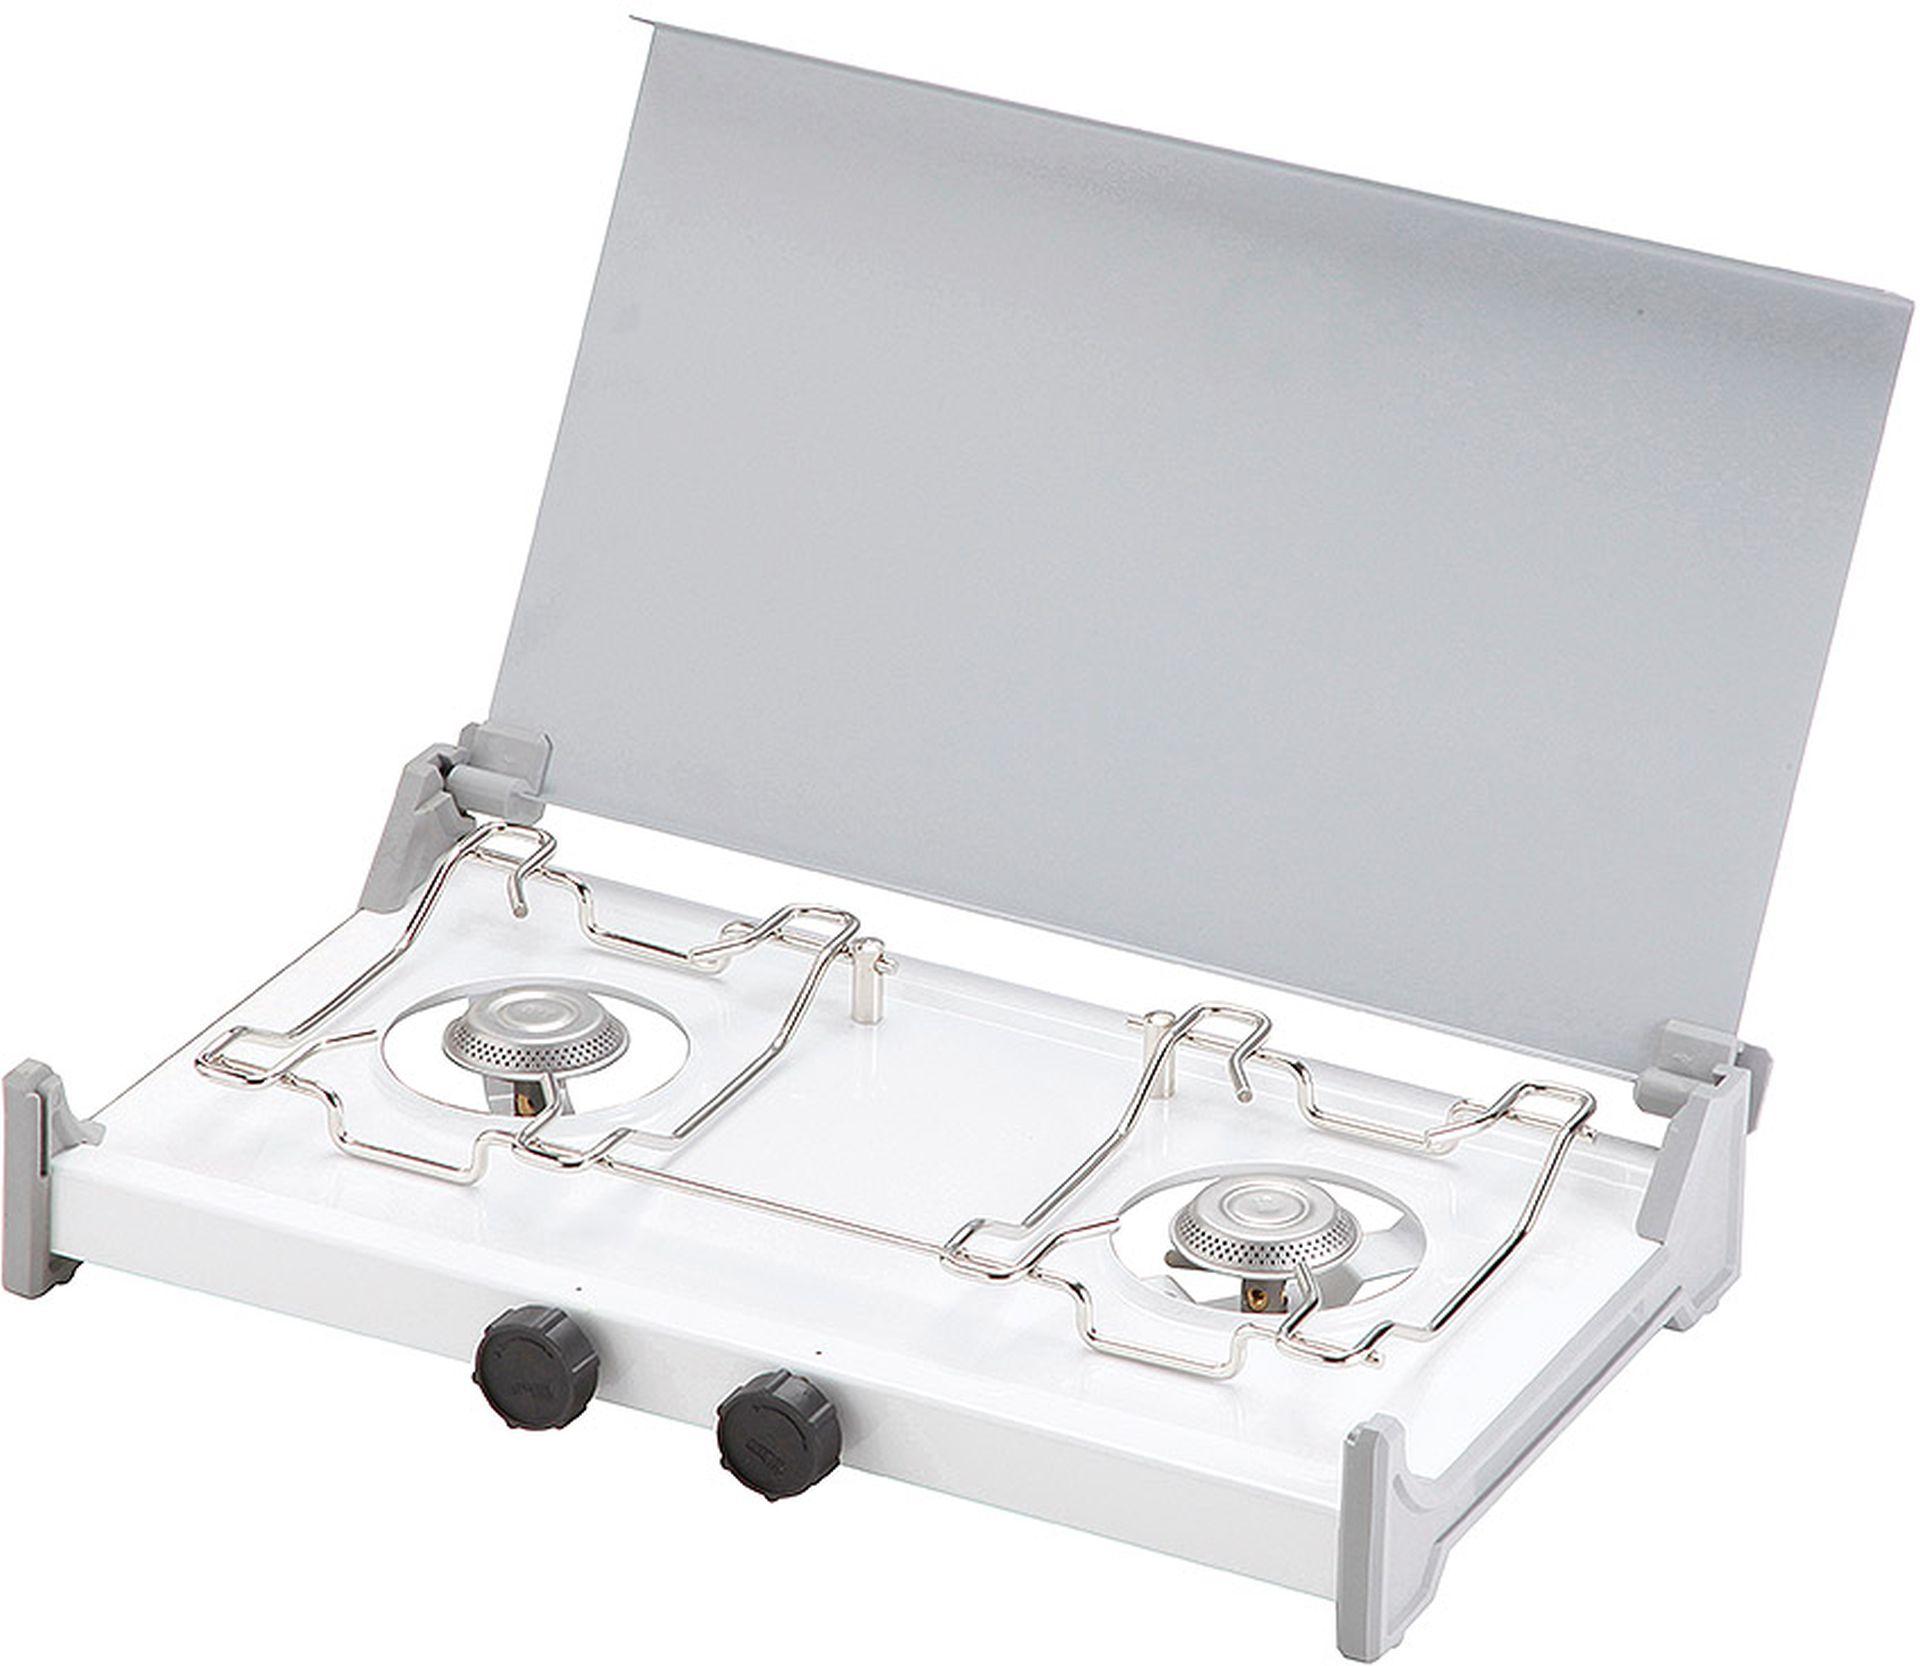 MEVA Plynový vařič RIGA 2 hořákový, s víkem, vysokotlaký 2337